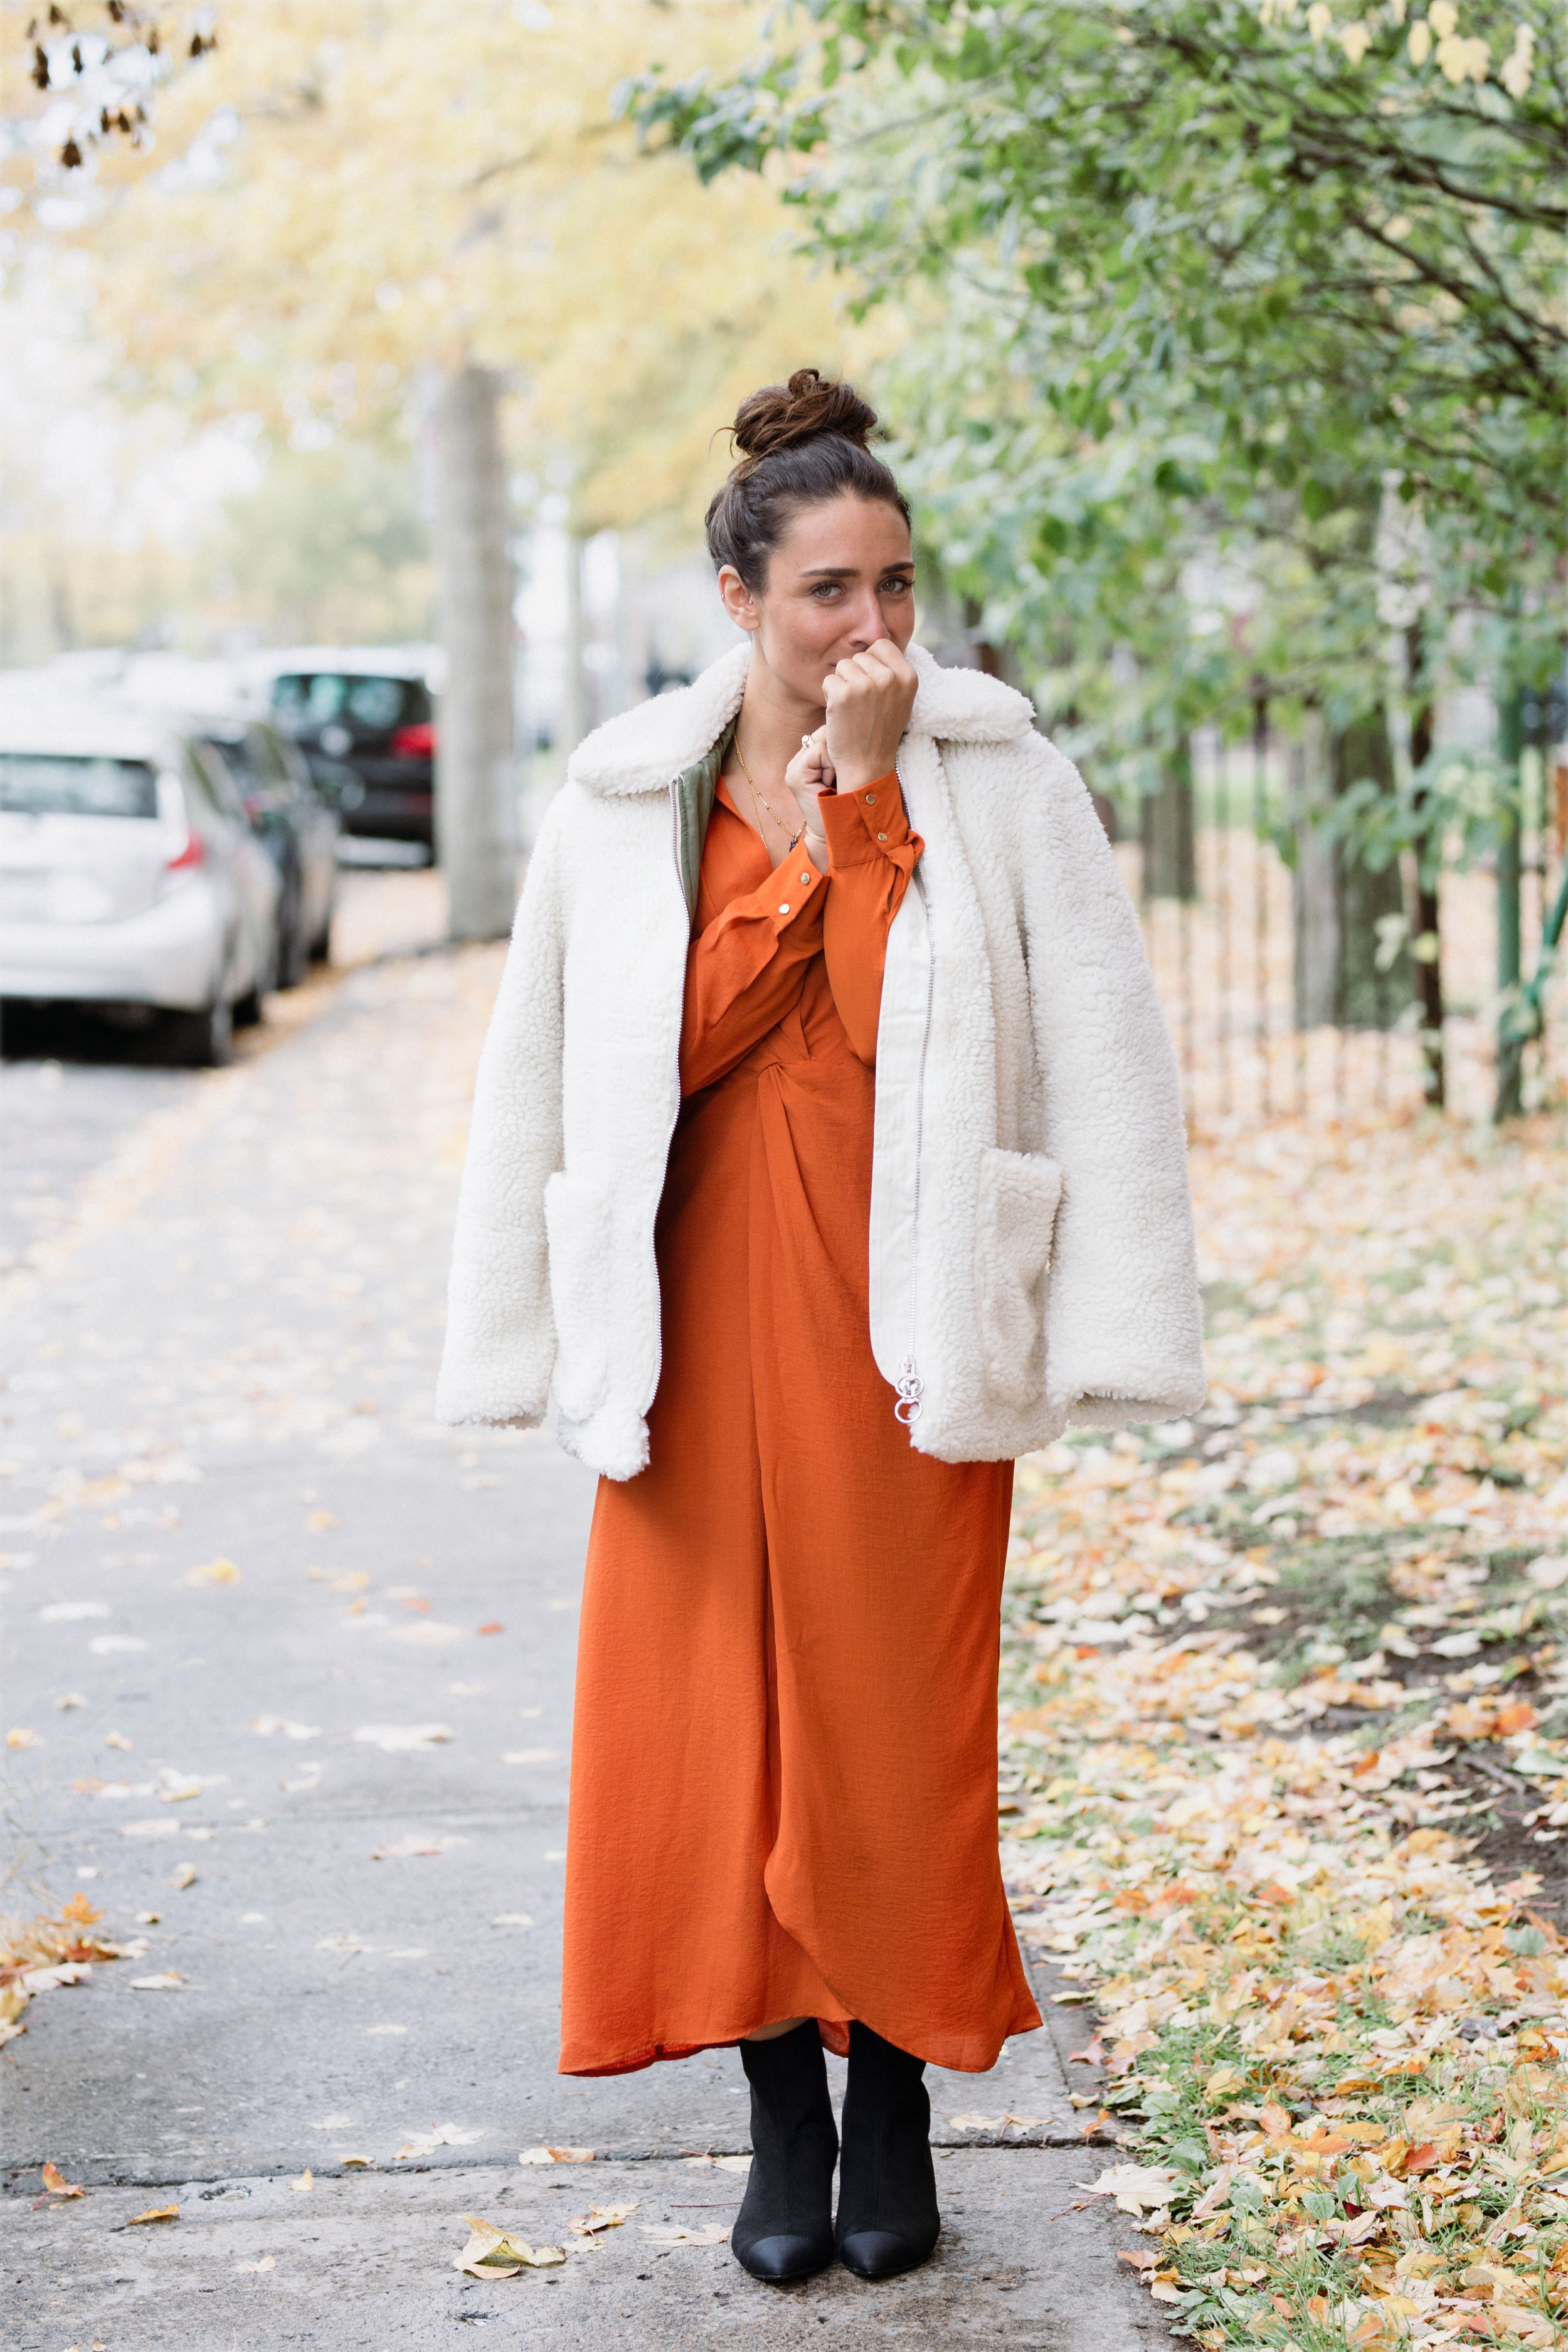 Camille dg_ marine saussereau styliste_12.jpg